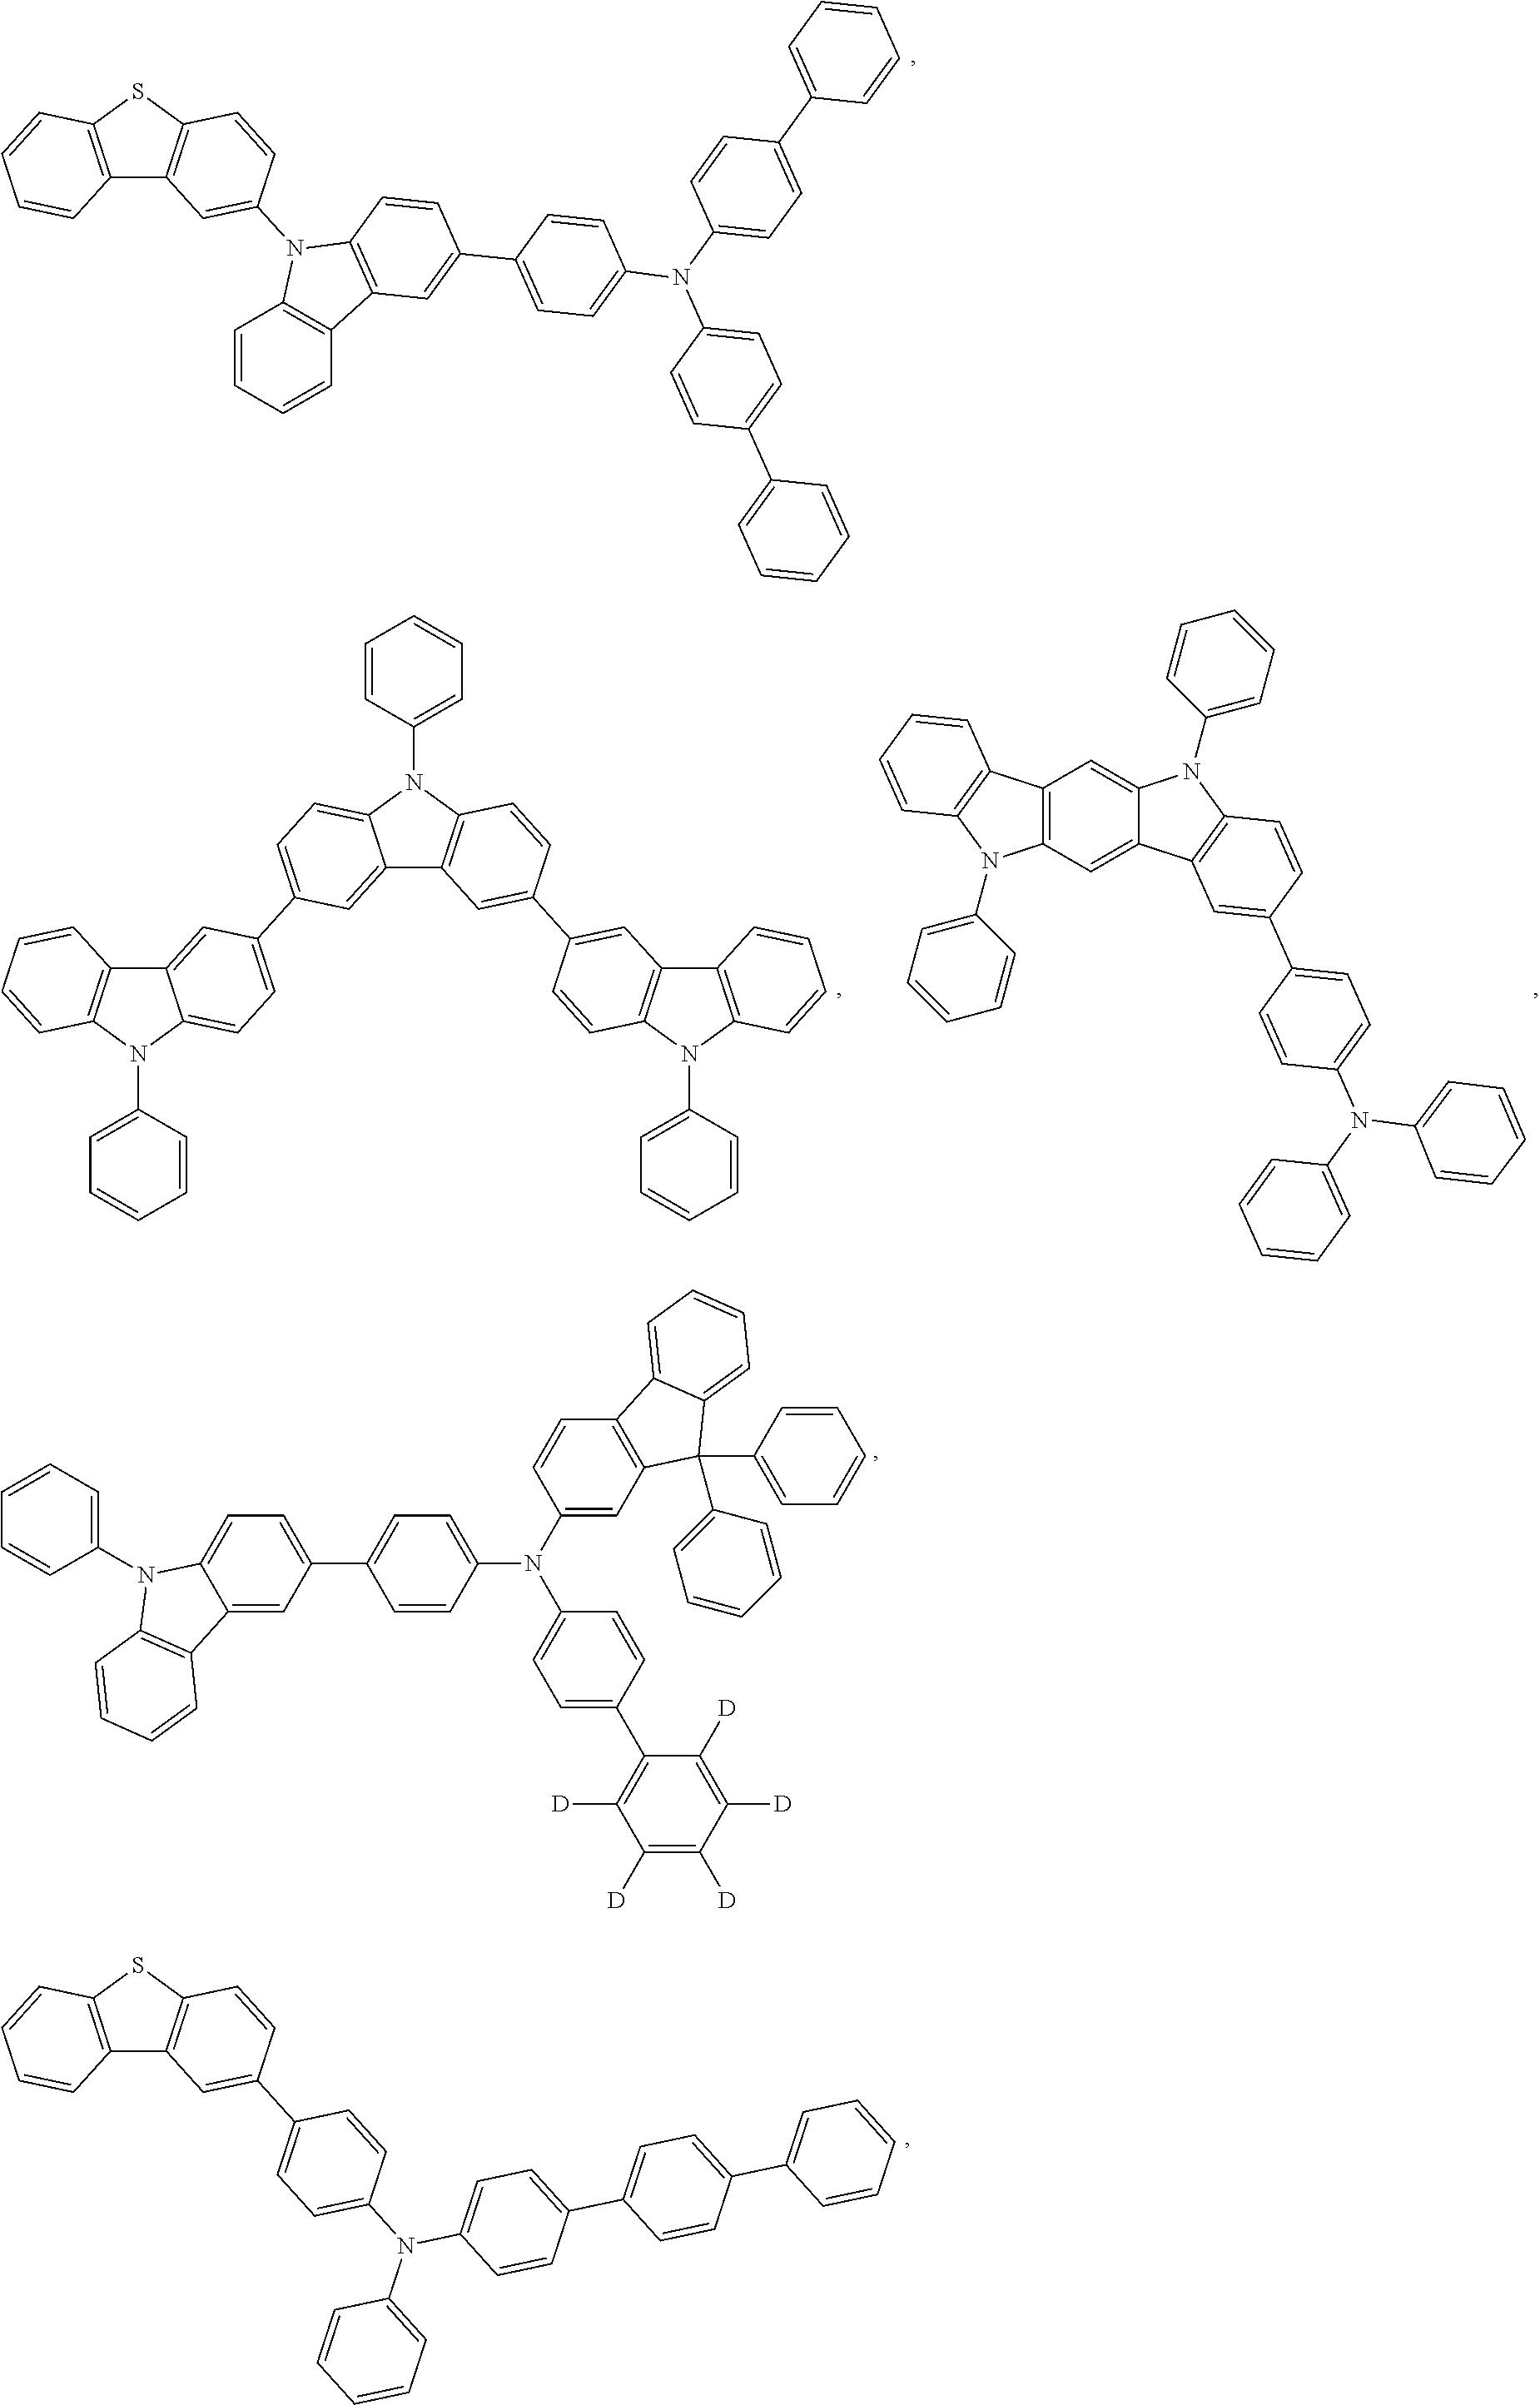 Figure US20180130962A1-20180510-C00153